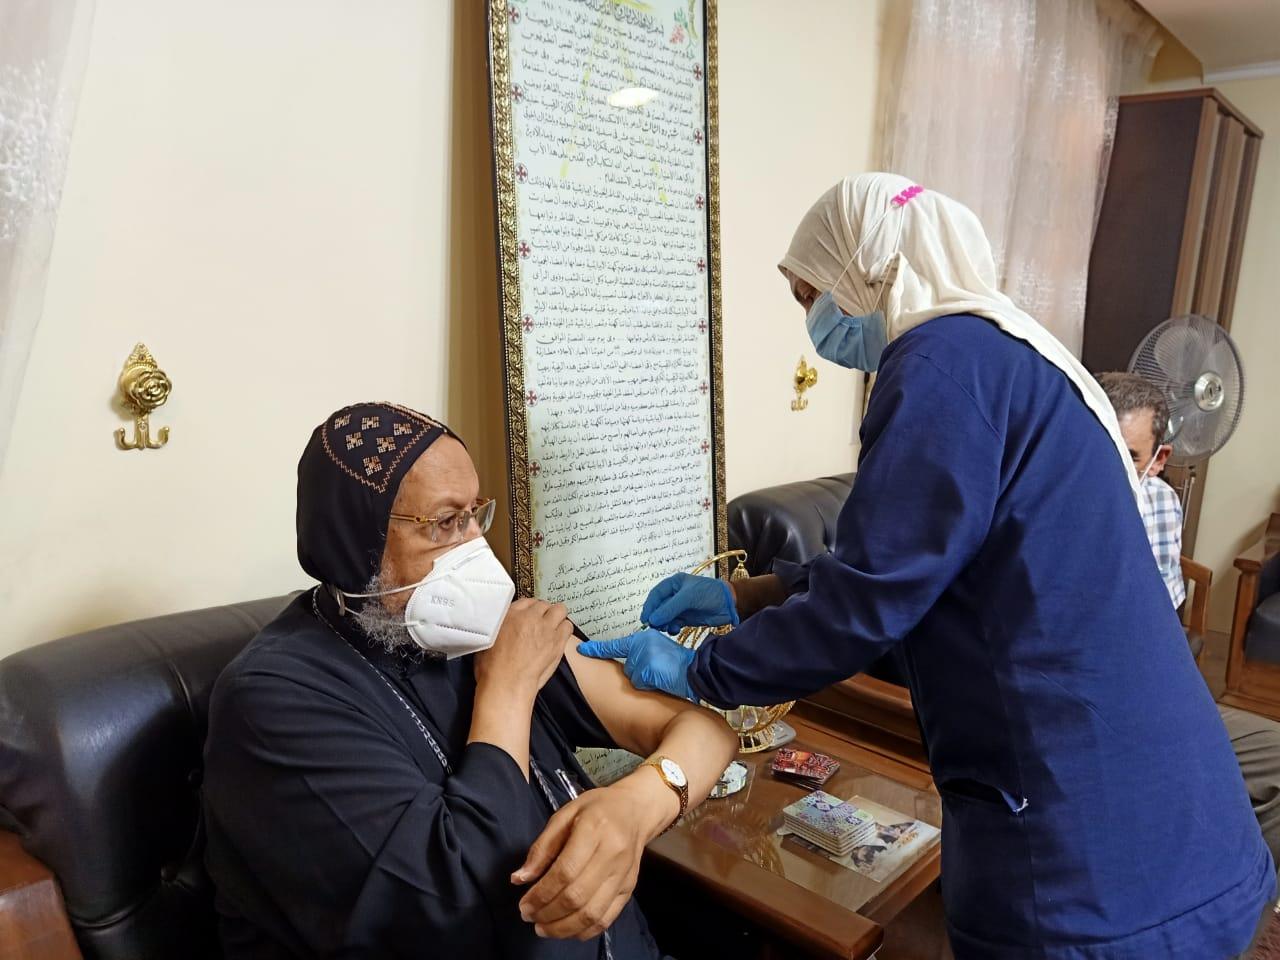 الأنبا مرقس مطران شبرا اليمة وتوابعها خلال تلقى اللقاح